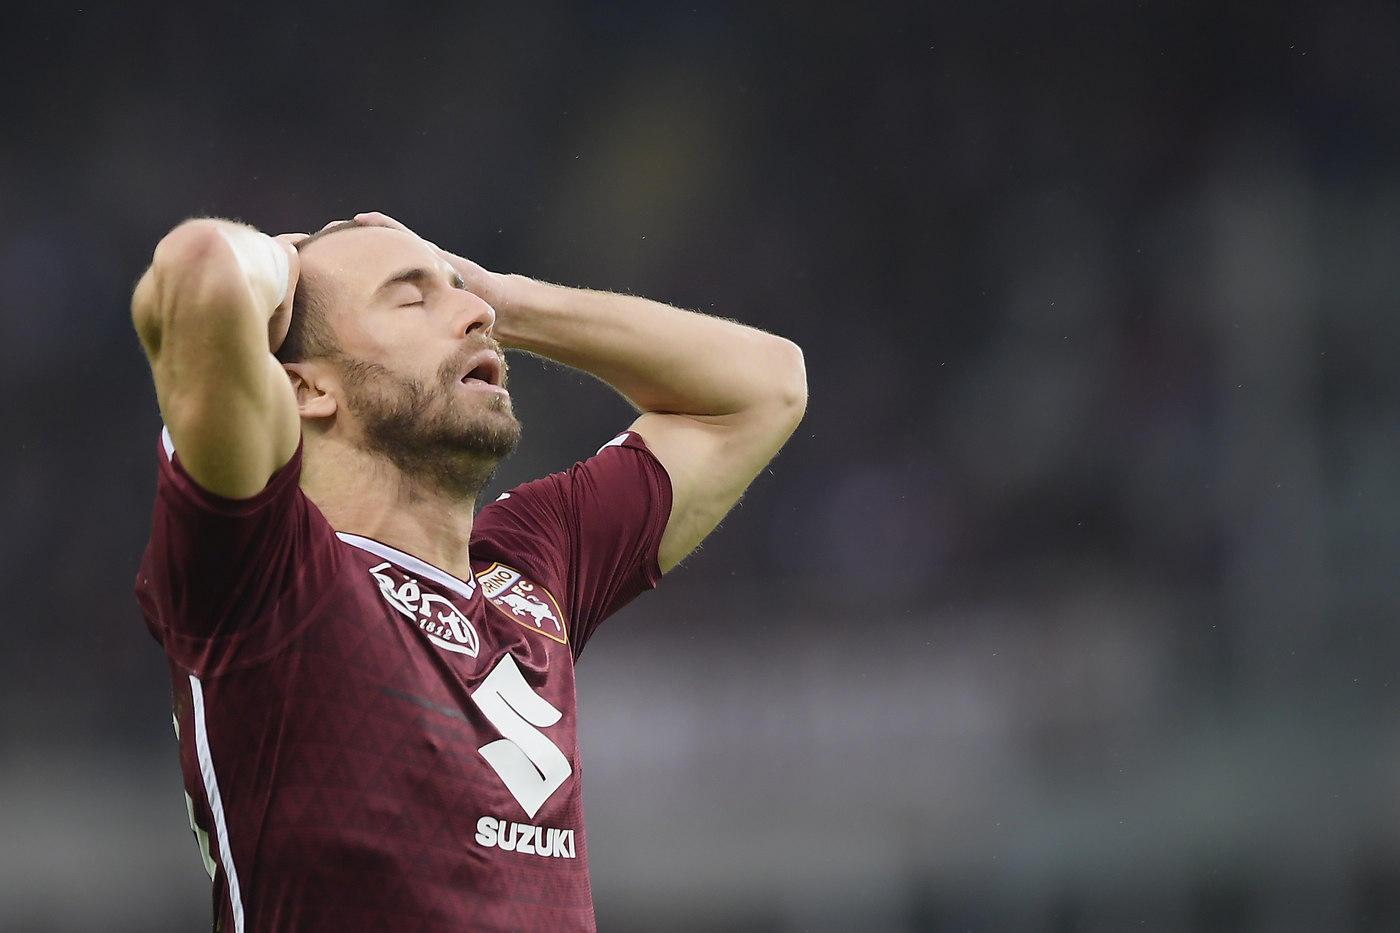 Colpo esterno del  Parma  nel secondo anticipo della 12.a giornata di Serie A. I gialloblù di D'Aversa hanno battuto 2-1 il  Torino  aggacciando i granata a quota 17 punti in classifica. Vantaggio del Parma al 9' firmato da  Gervinho , bravo ad approfittare di un erroraccio di Izzo e Nkoulou. Al 25'  Inglese  batte Sirigu sul primo palo per la rete da tre punti. Al Torino non basta il timbro di  Baselli  (37') per evitare la terza sconfitta stagionale.